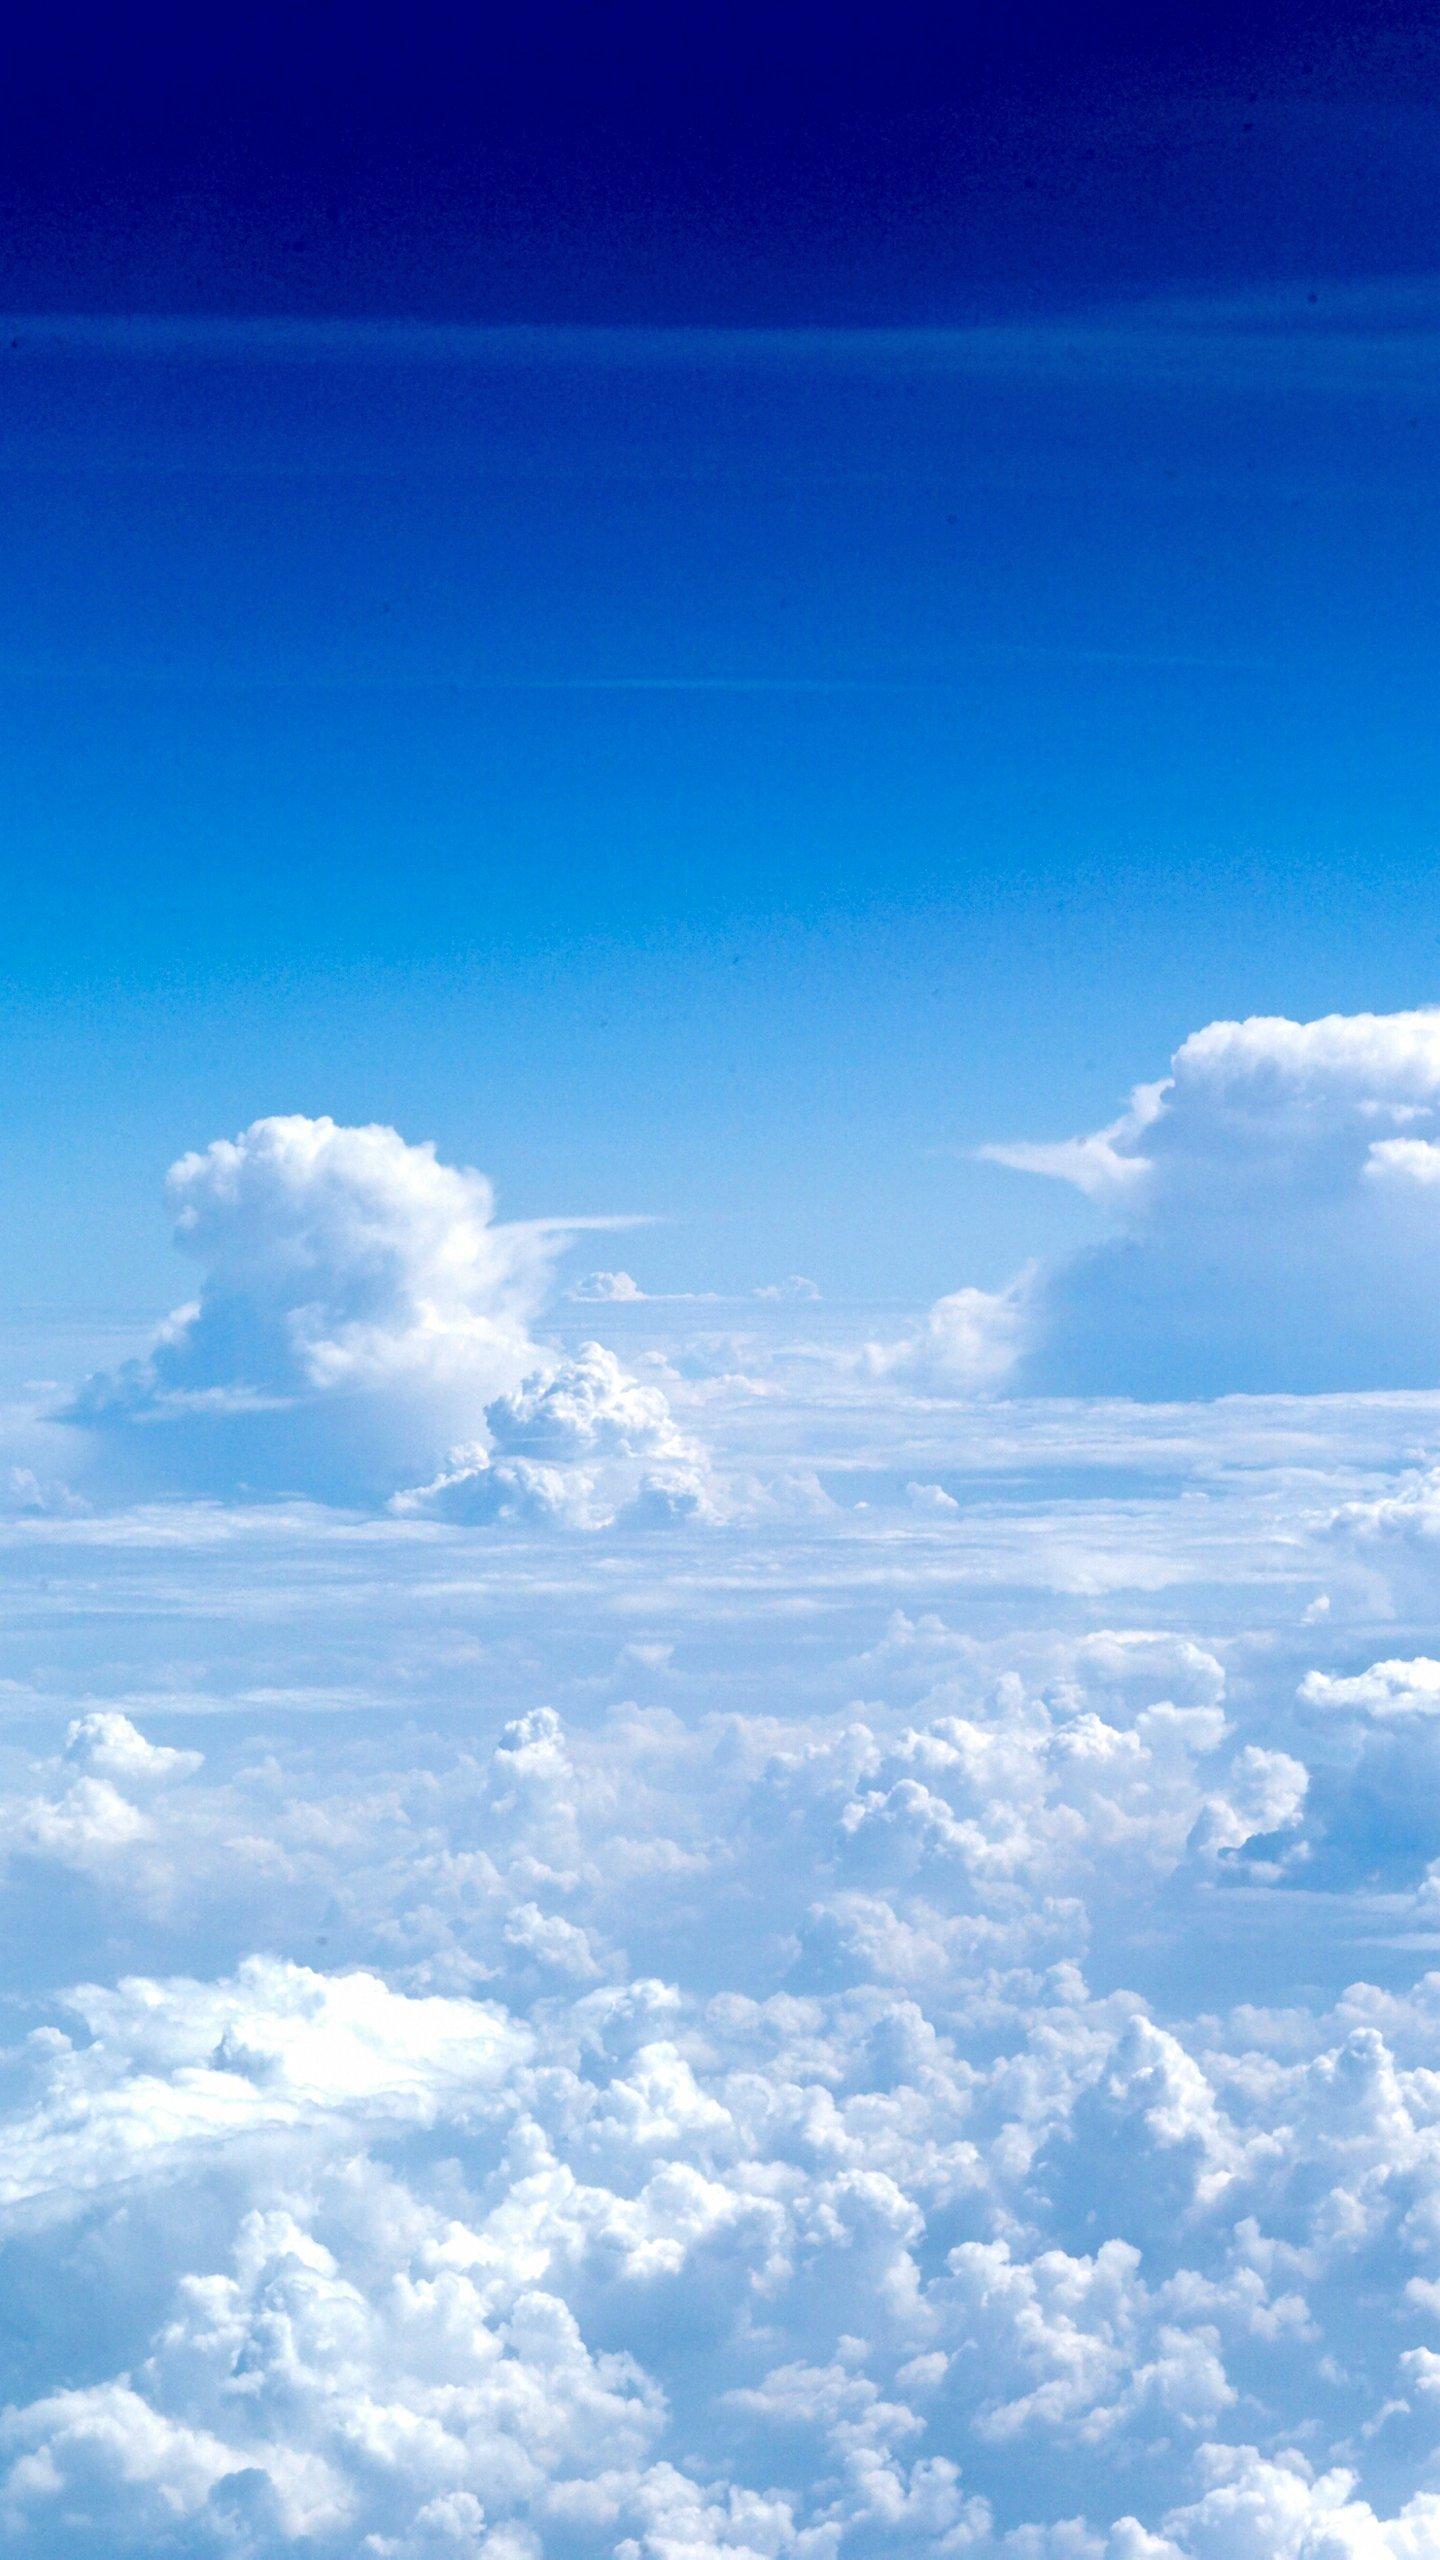 空と雲 19枚 スマホ壁紙 待受 2560 1440 縦長wqhd Android